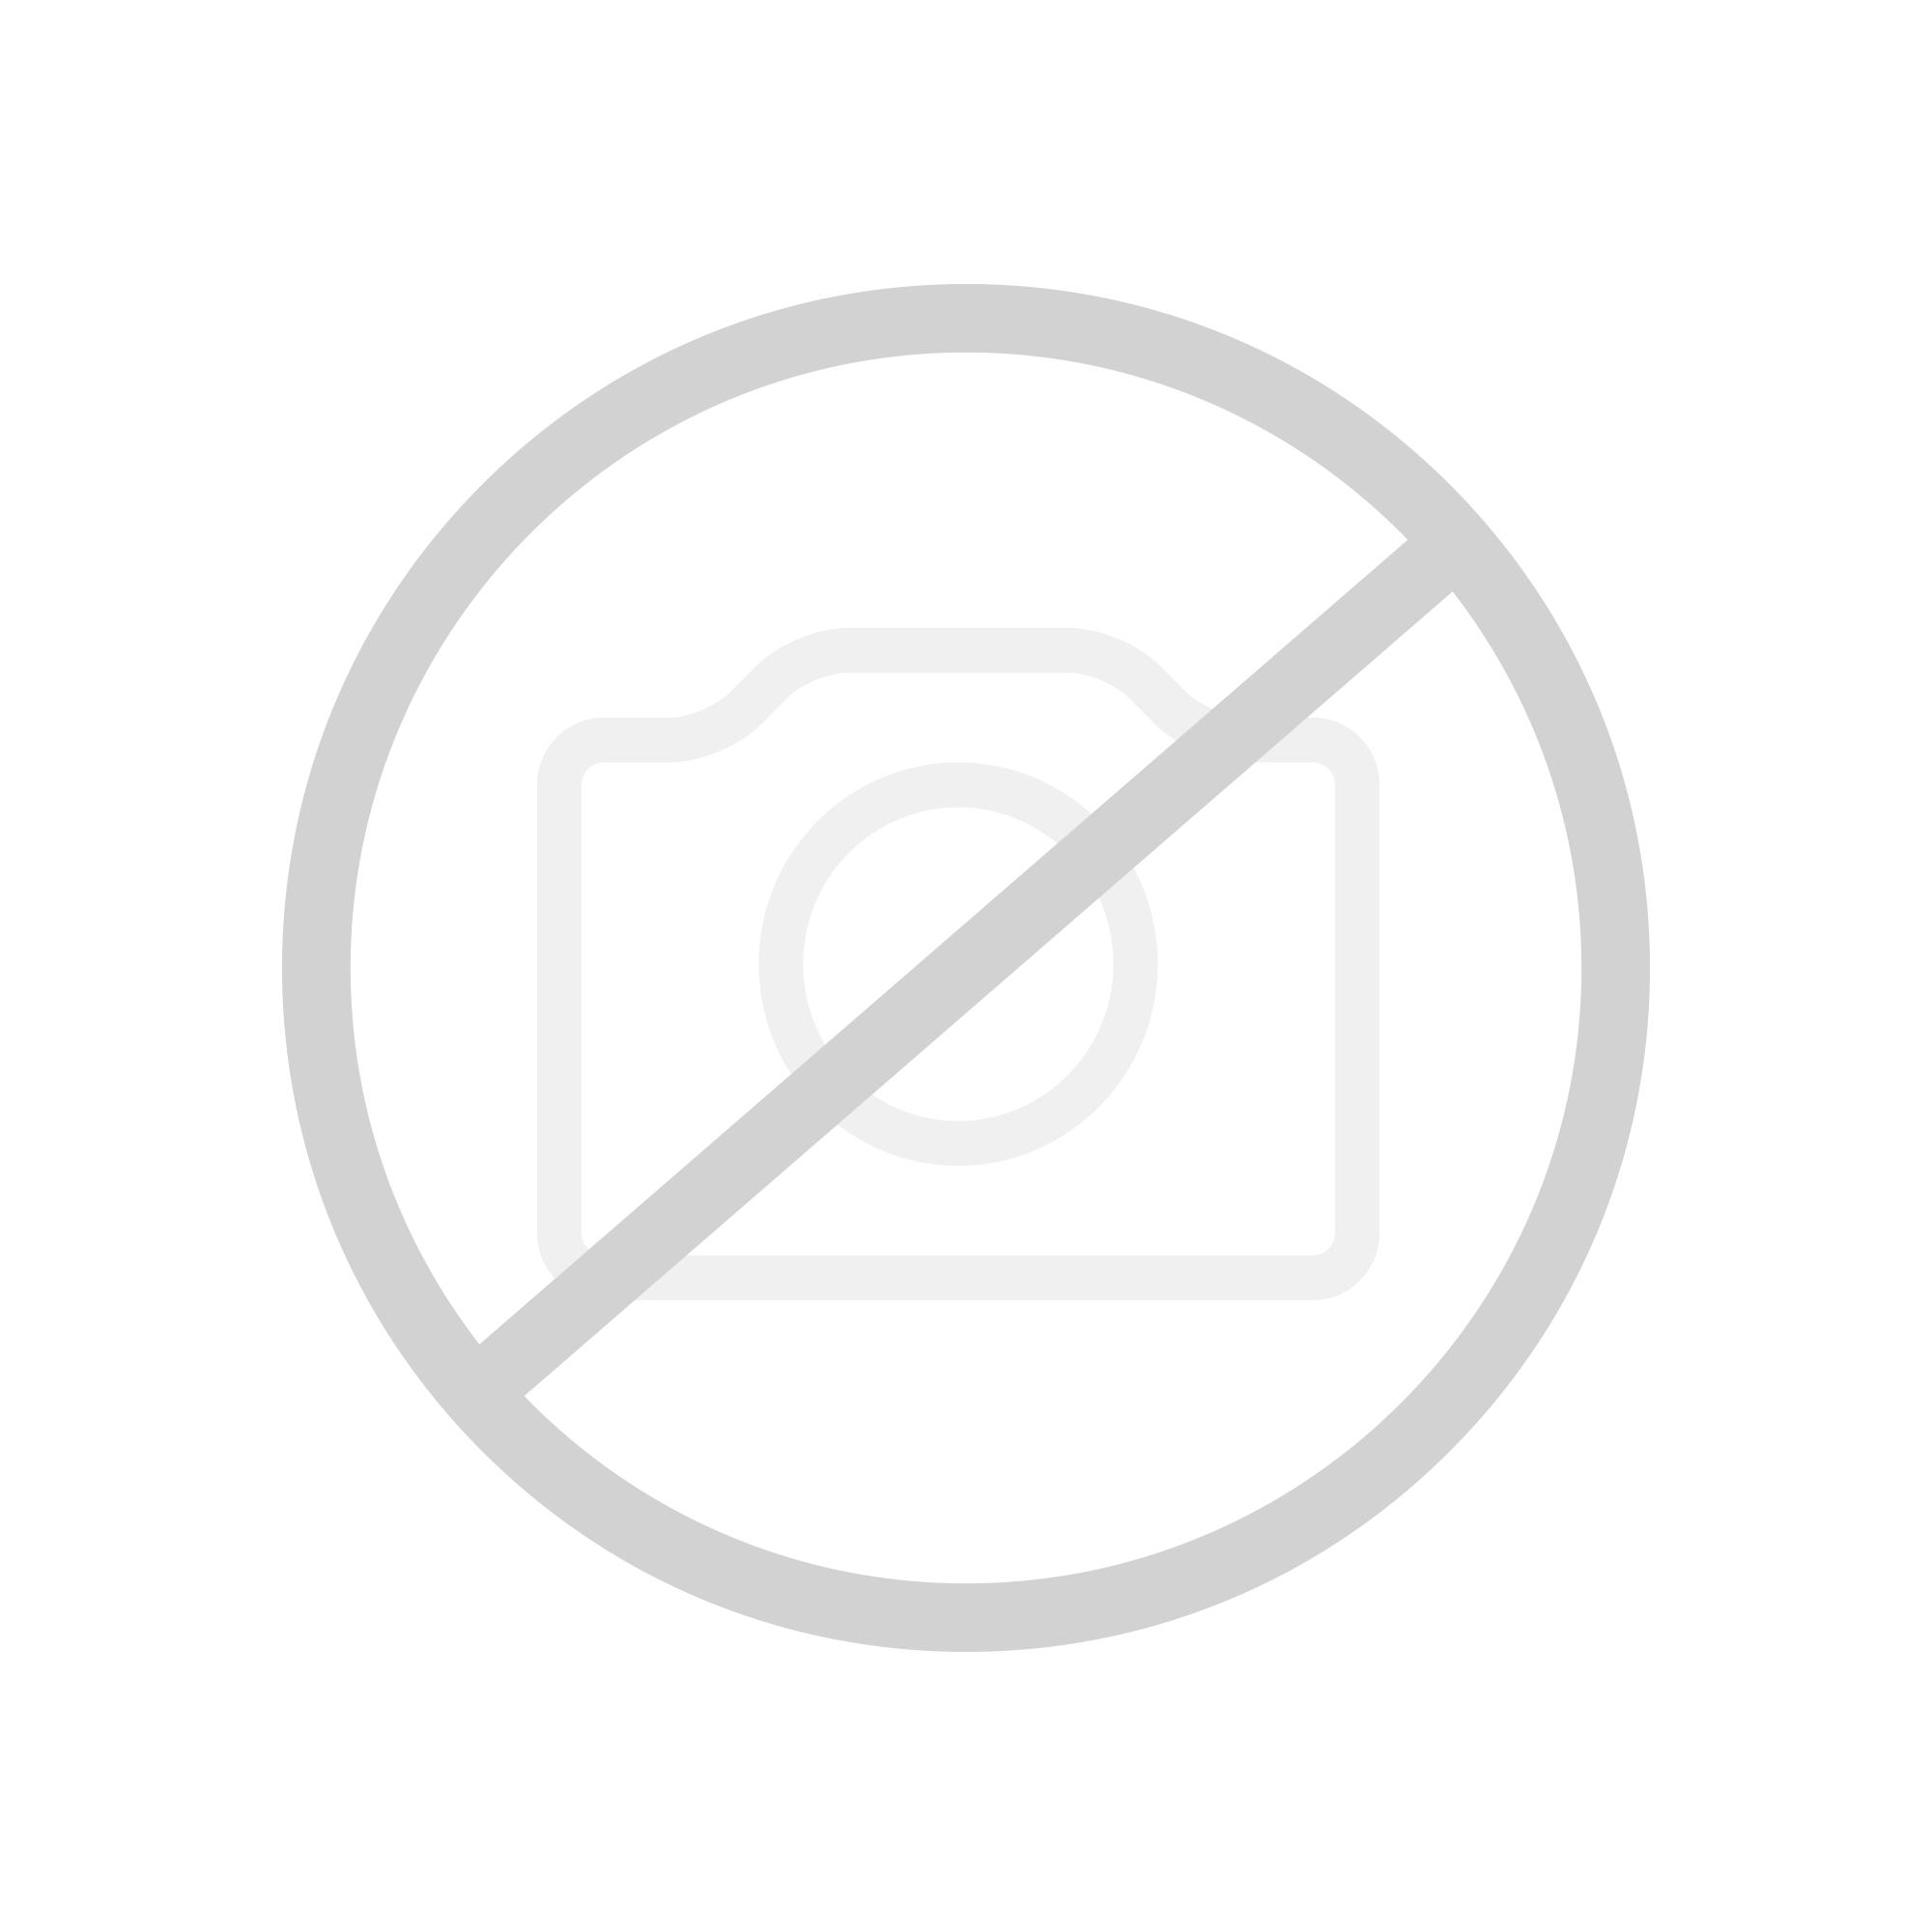 Villeroy & Boch O.novo Spülkasten Zulauf seitlich/hinten weiß